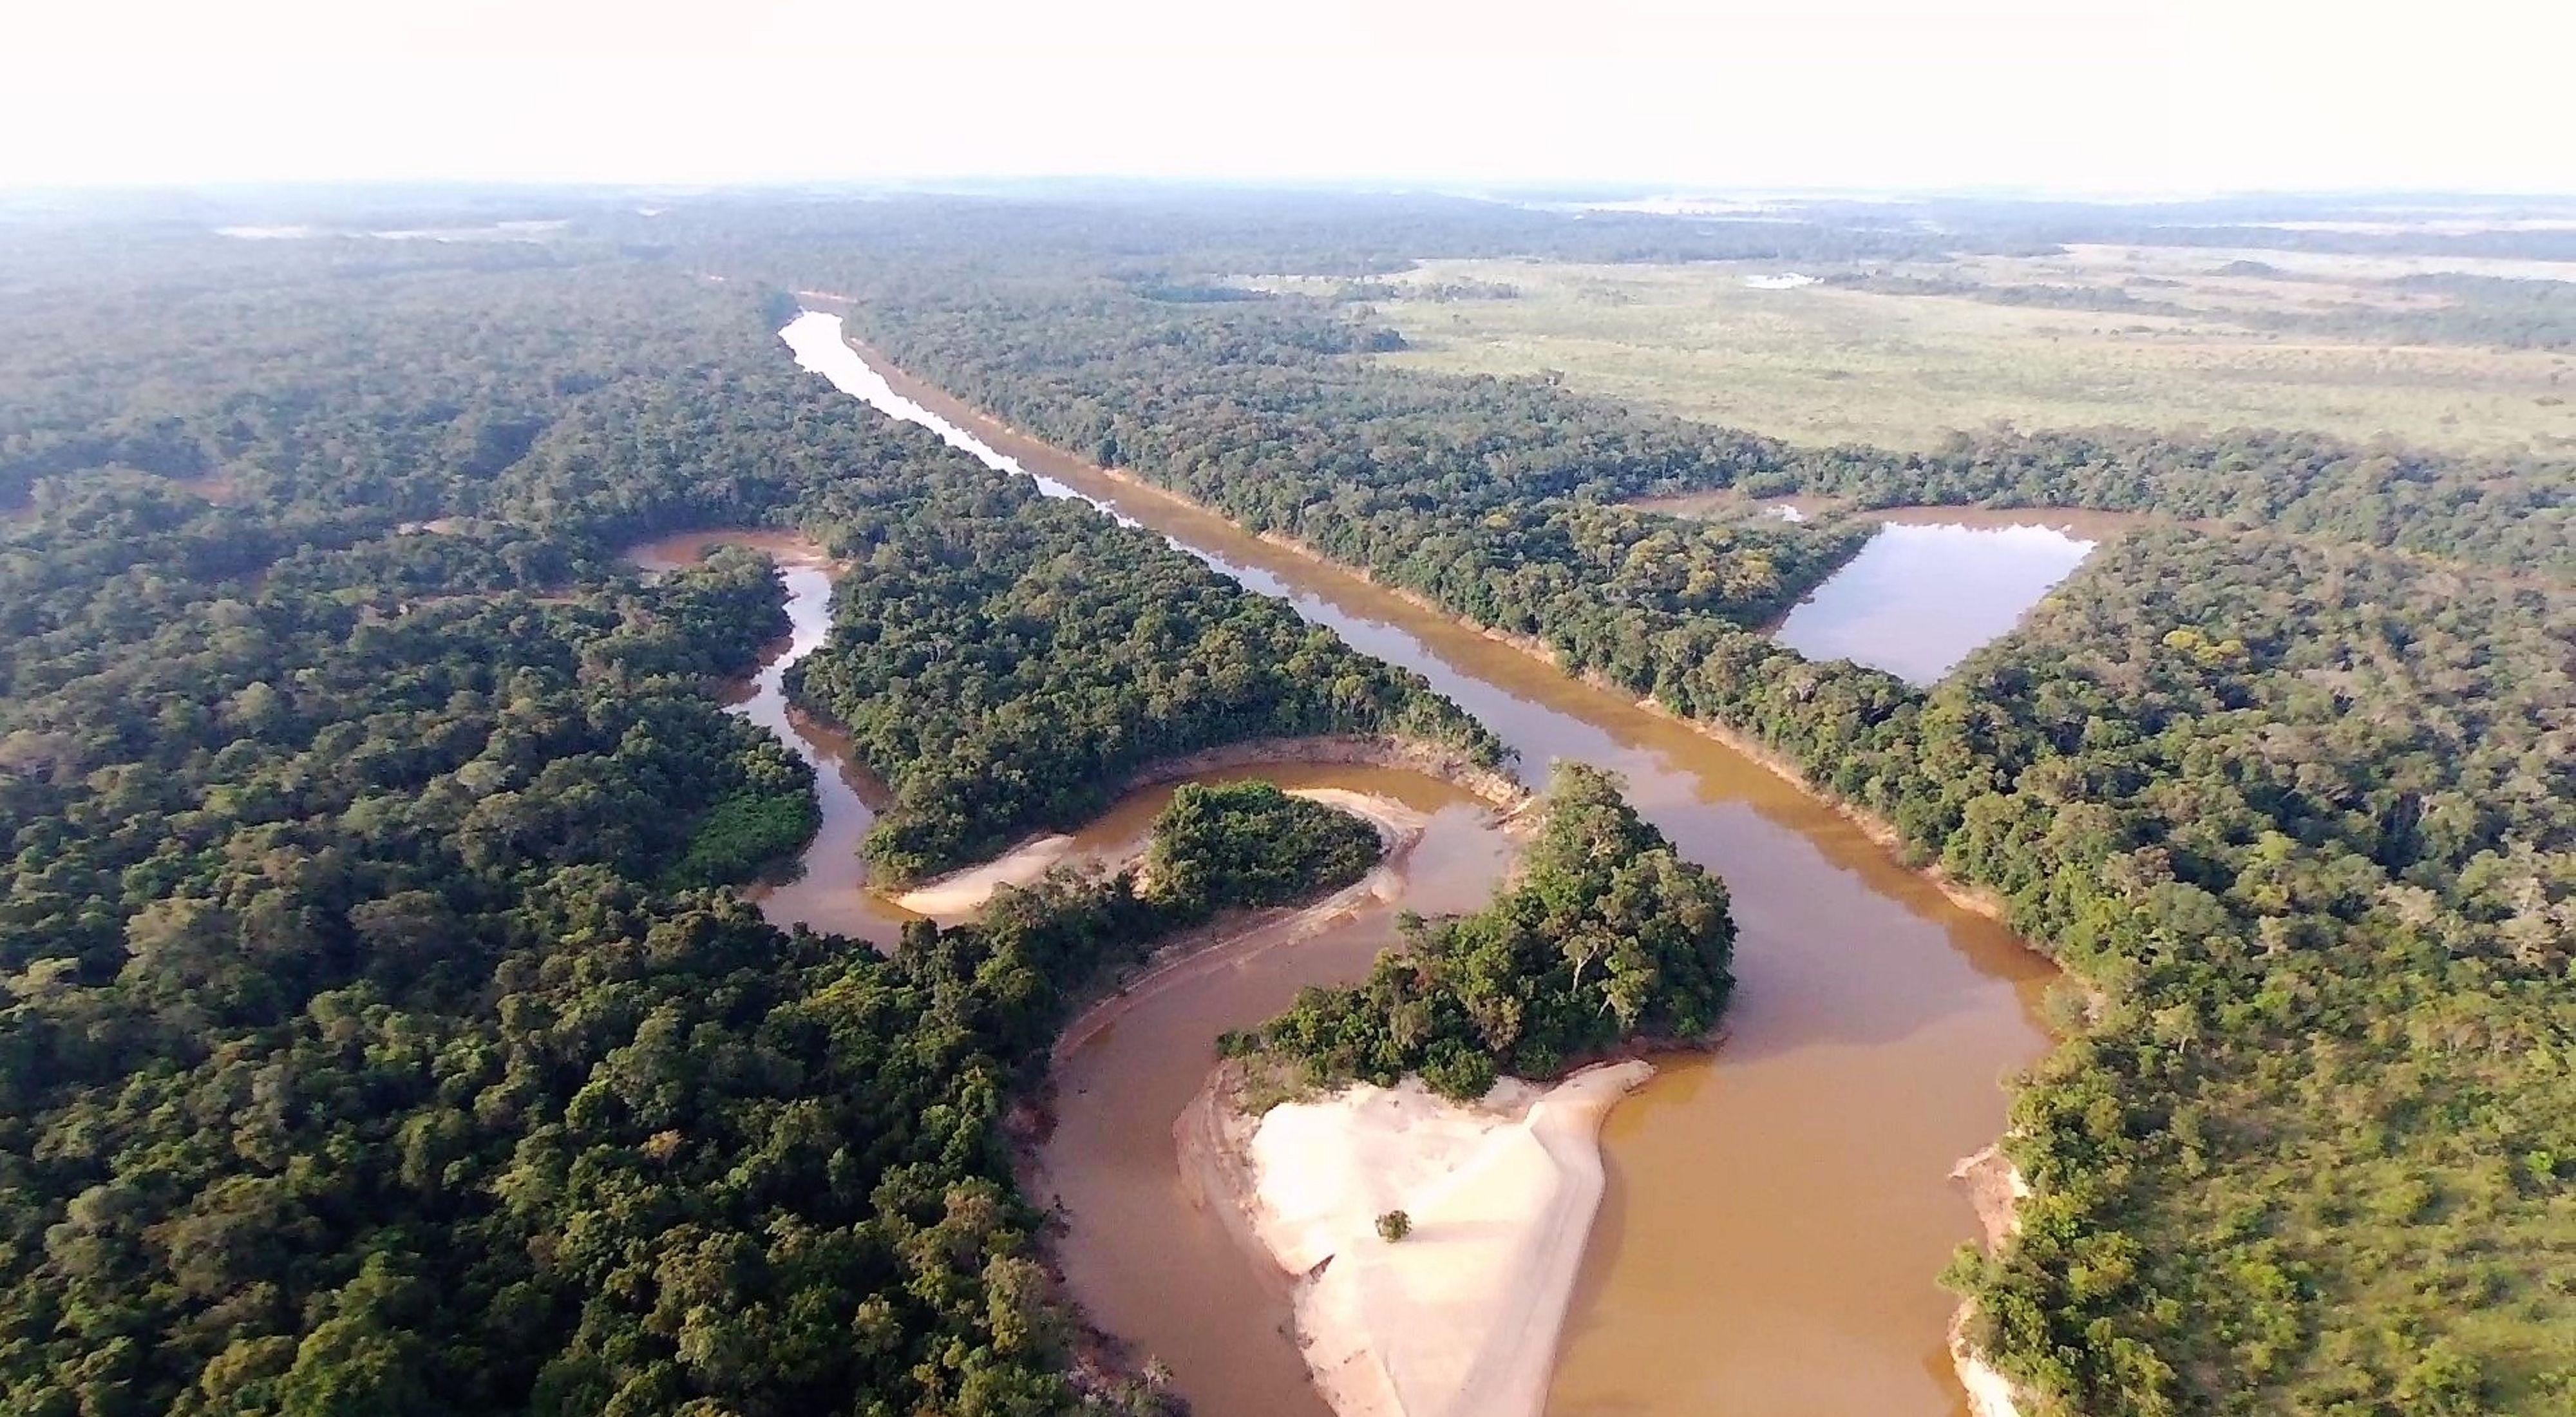 Foto aérea de Manacacías, en la Orinoquia Colombiana